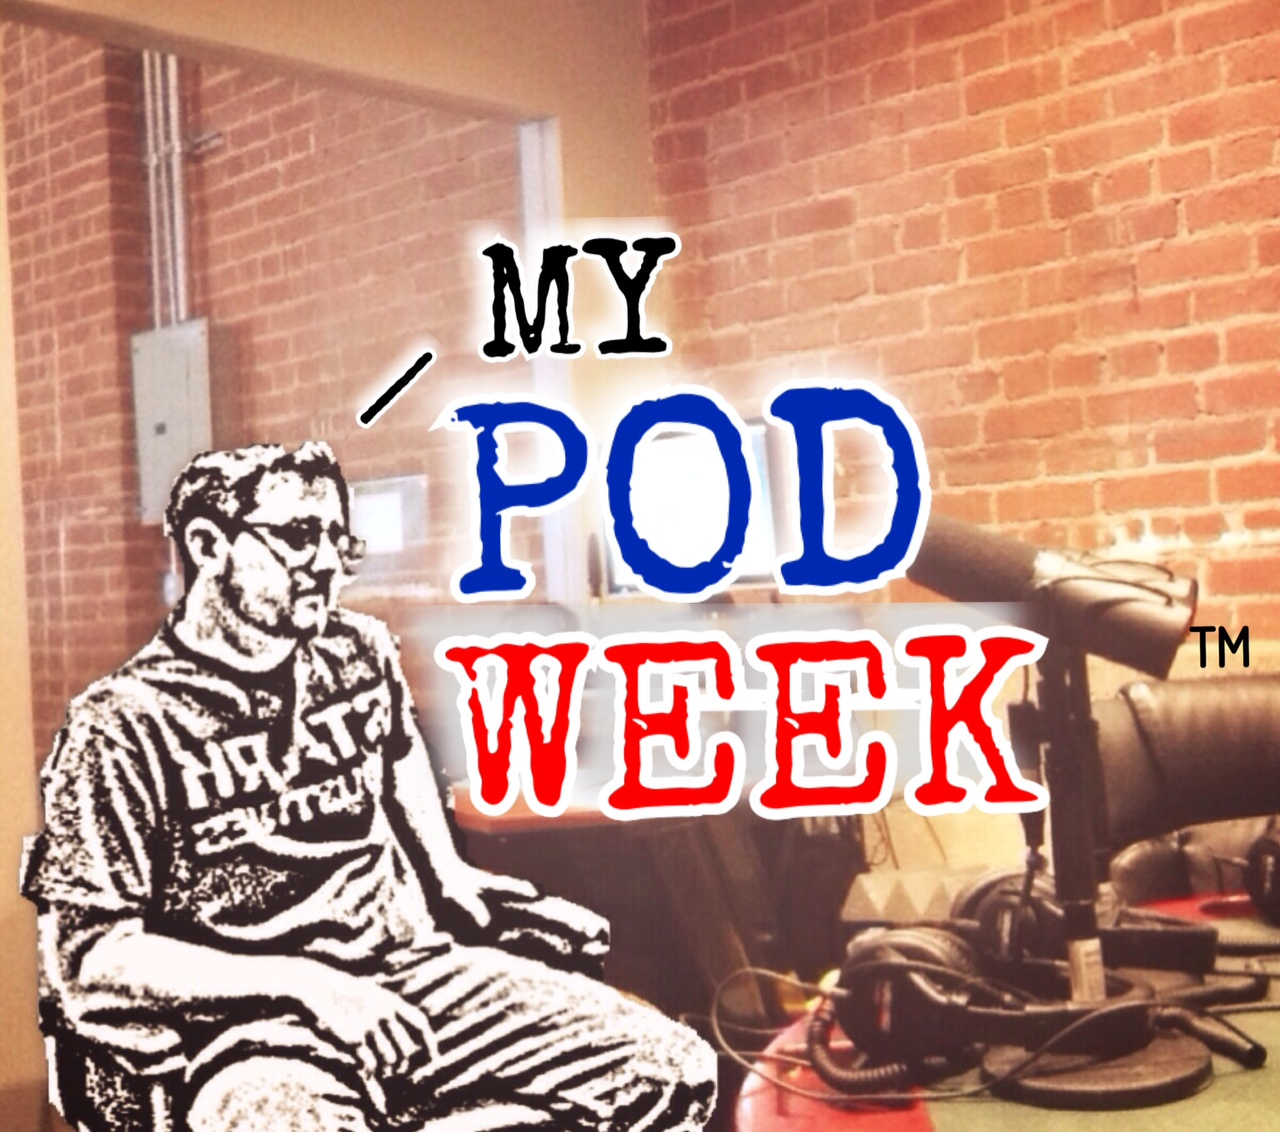 My Pod Week: Week ending 5/25/14